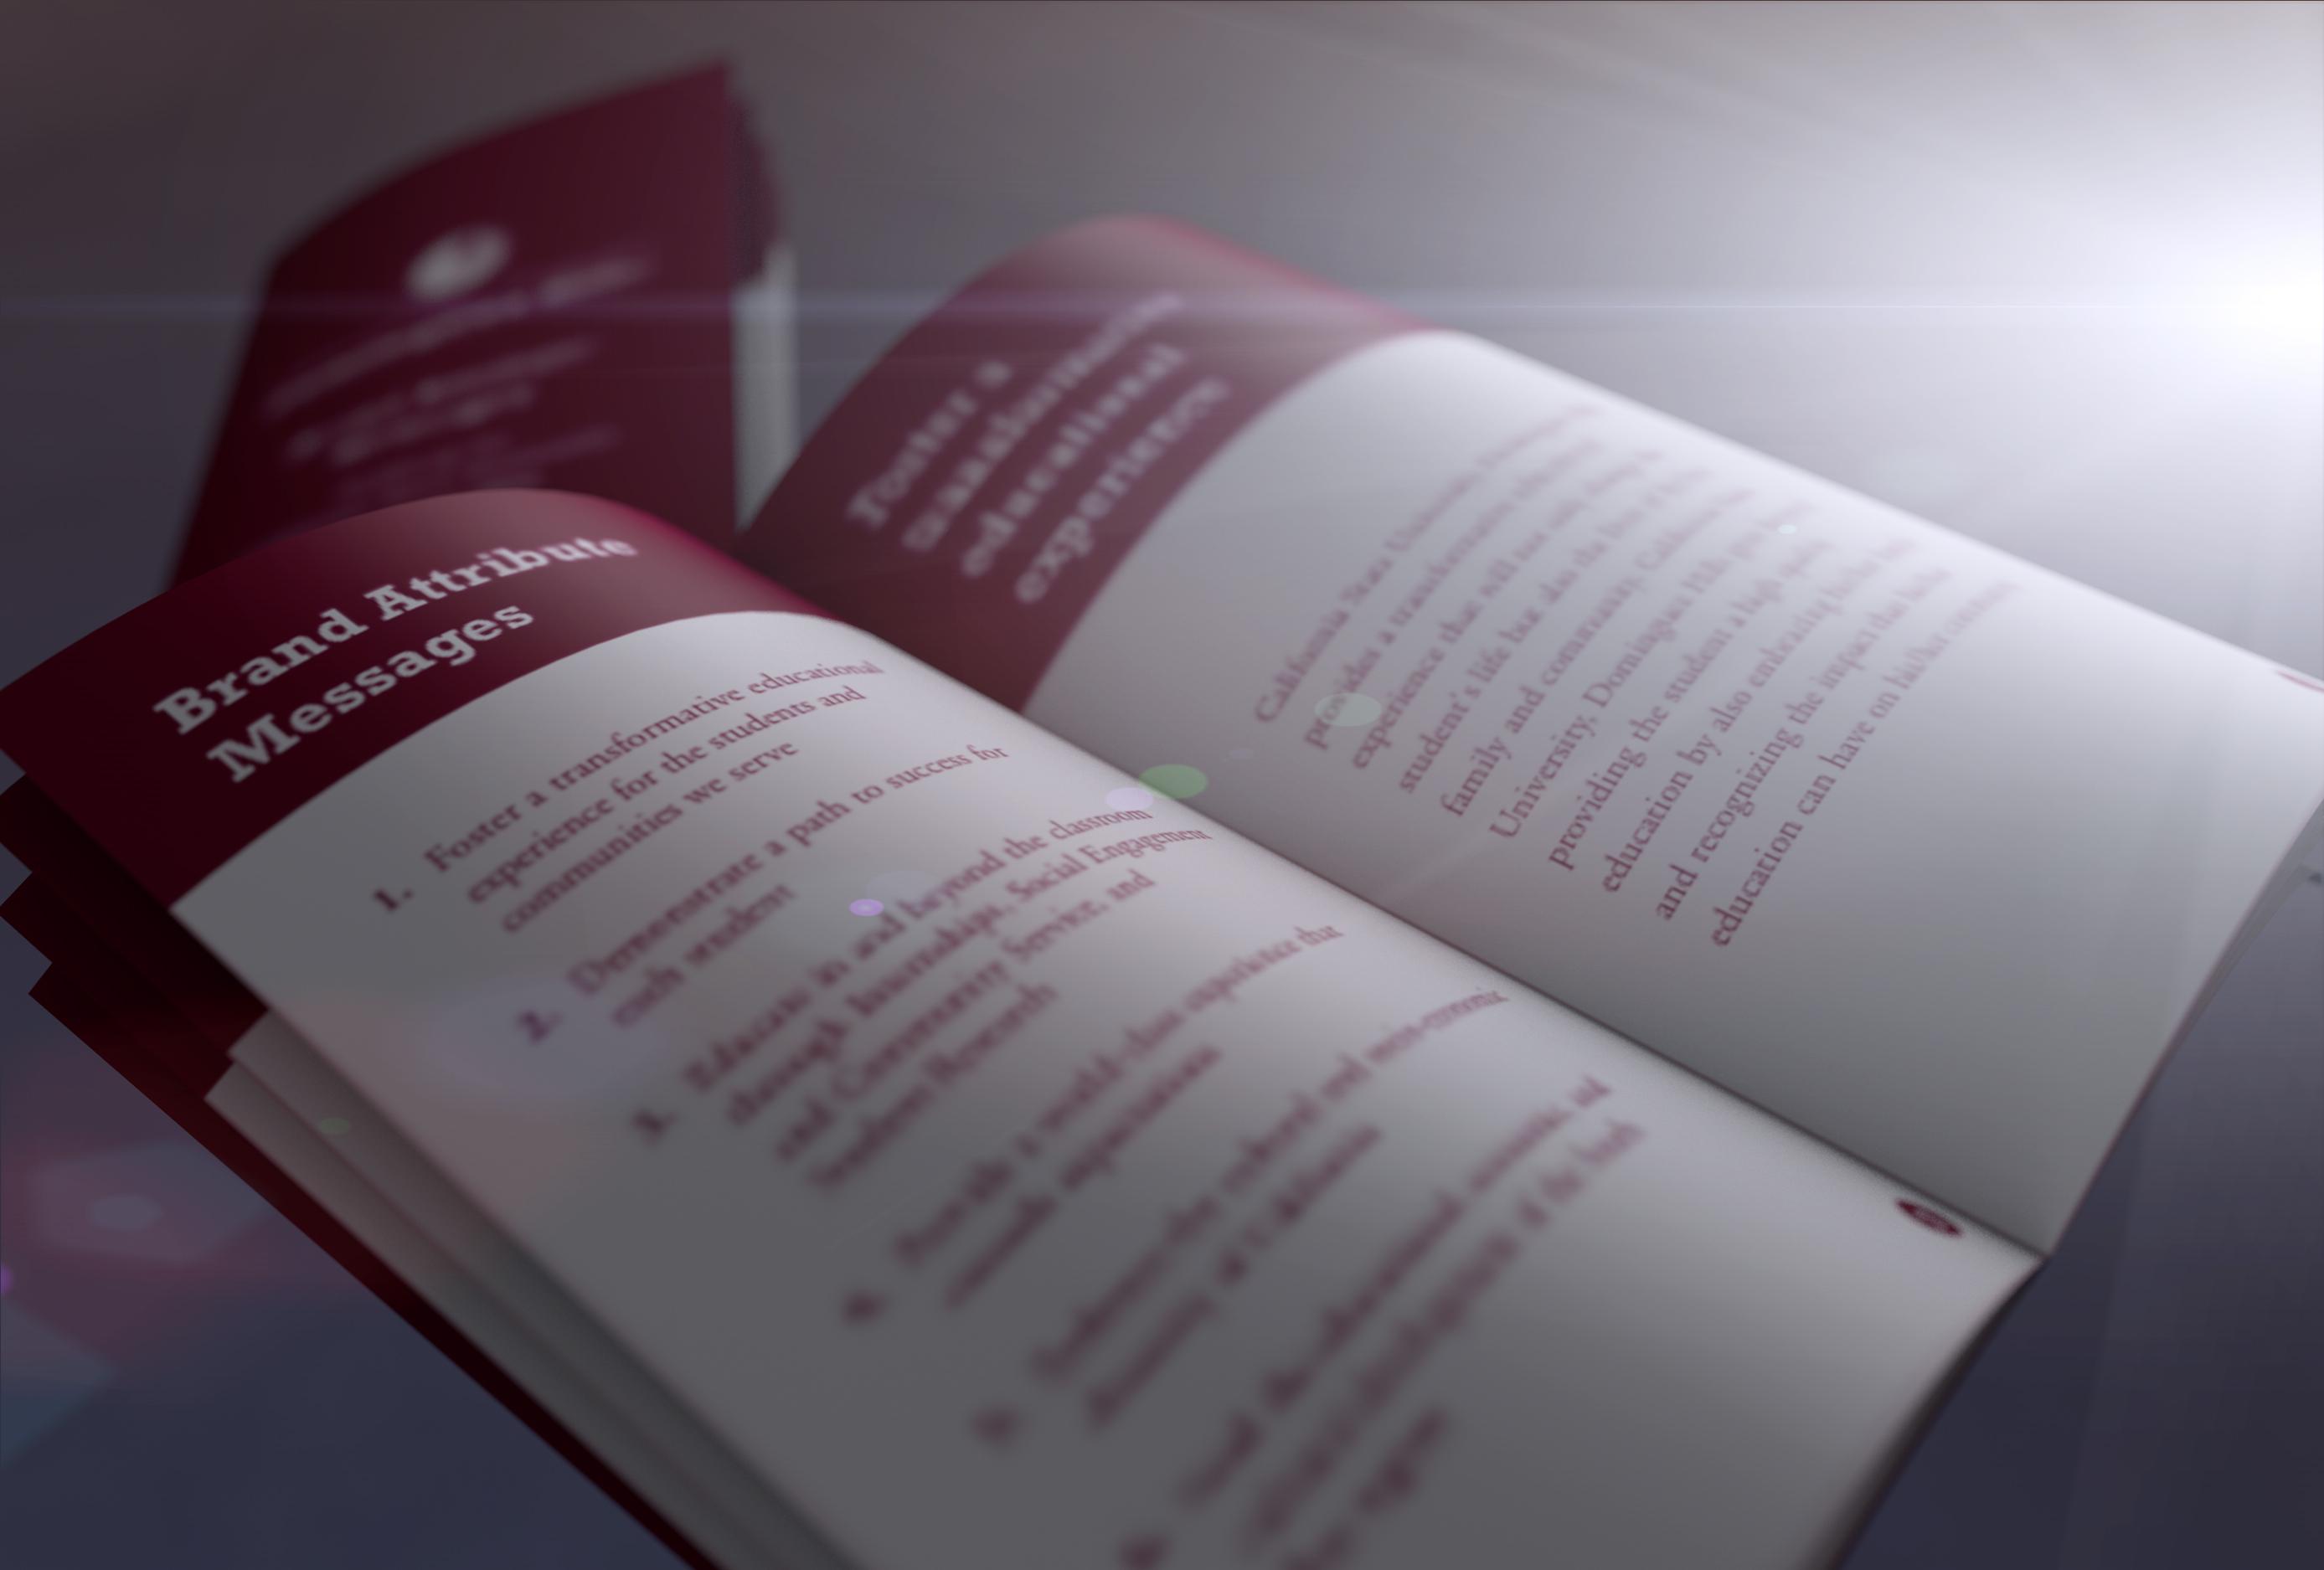 csudh-brand-book-1